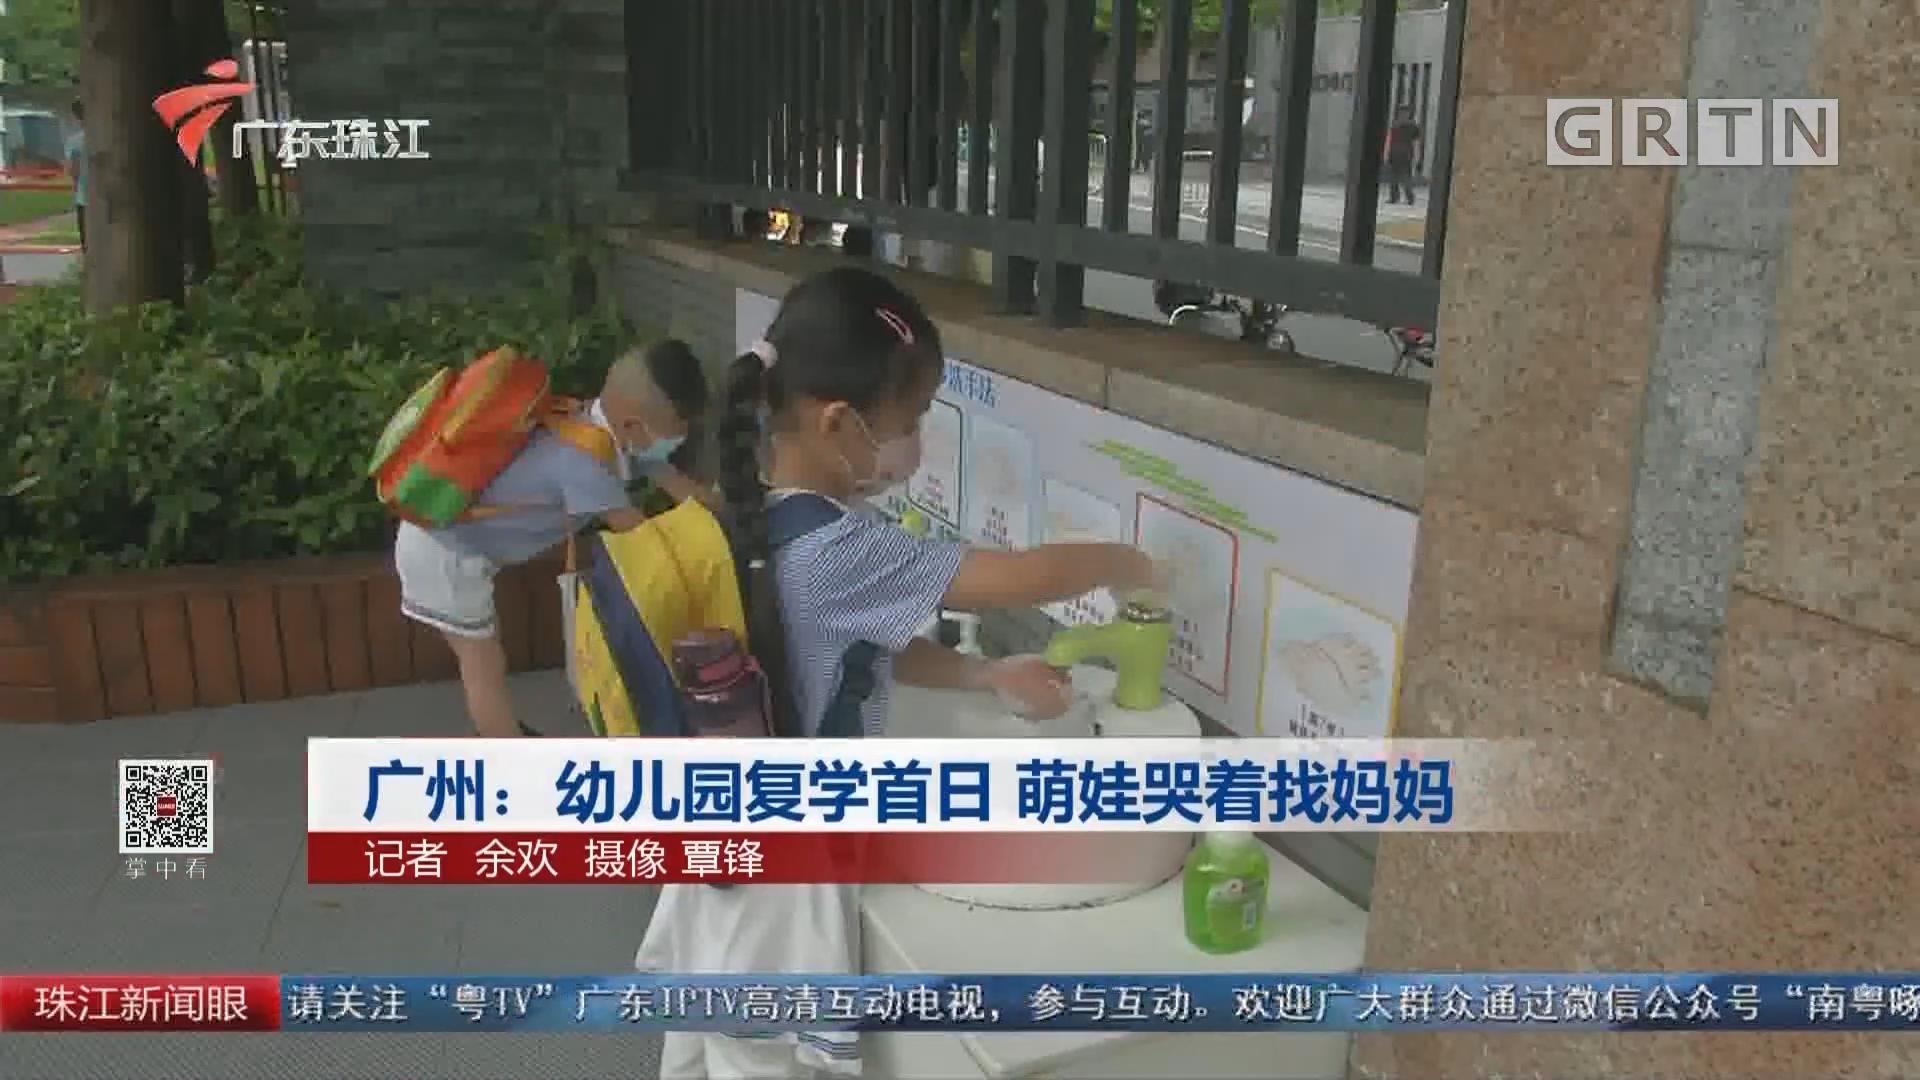 广州:幼儿园复学首日 萌娃哭着找妈妈